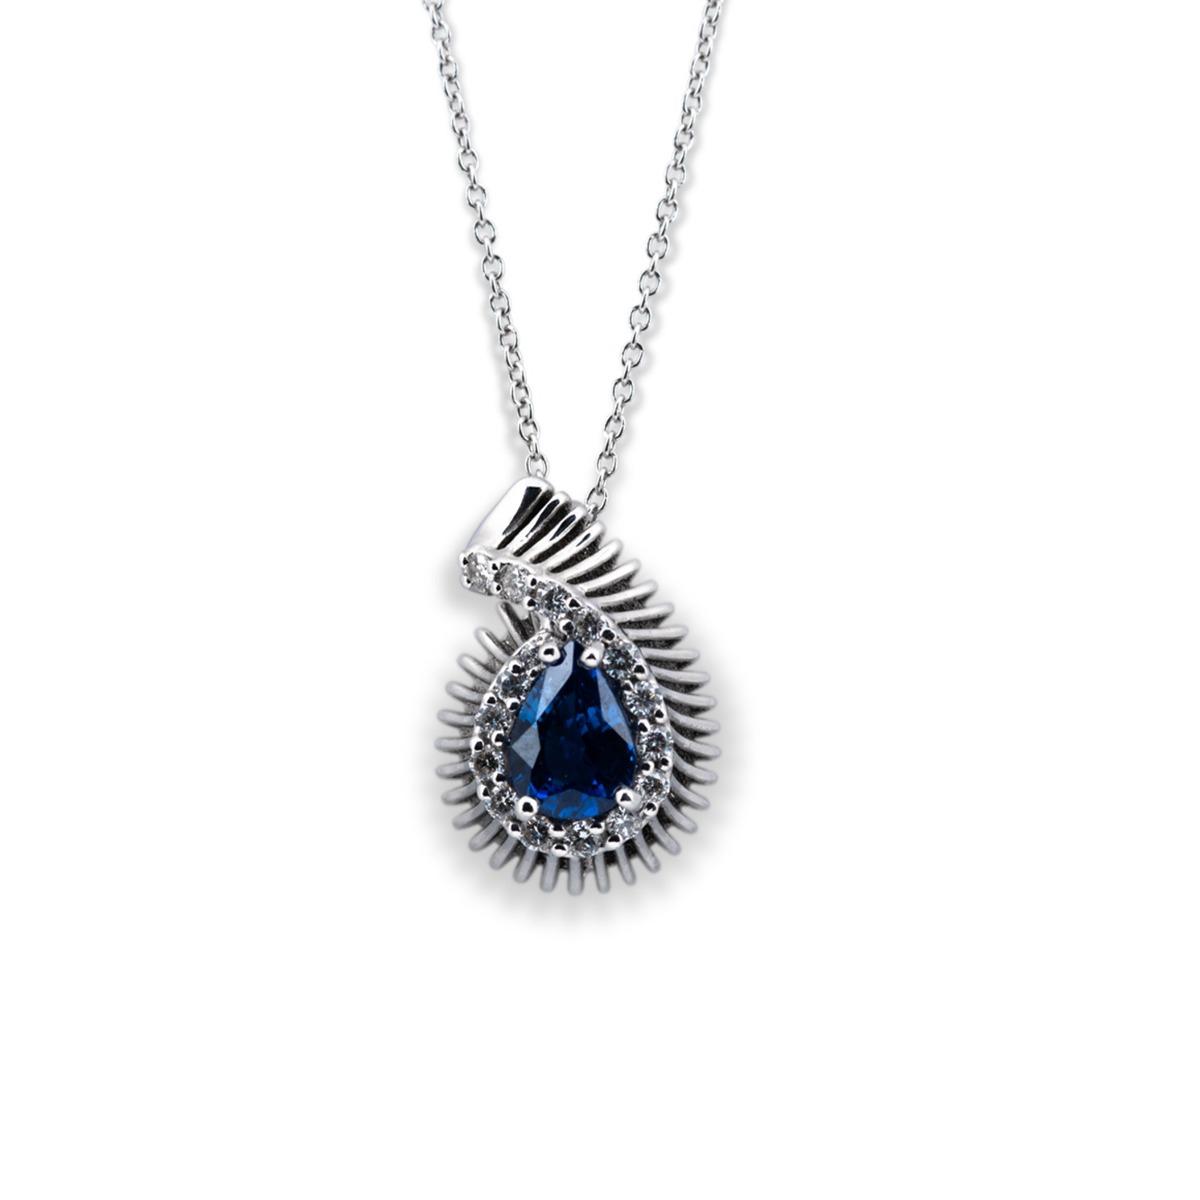 Pear-Cut Blue Sapphire Pendant Necklace